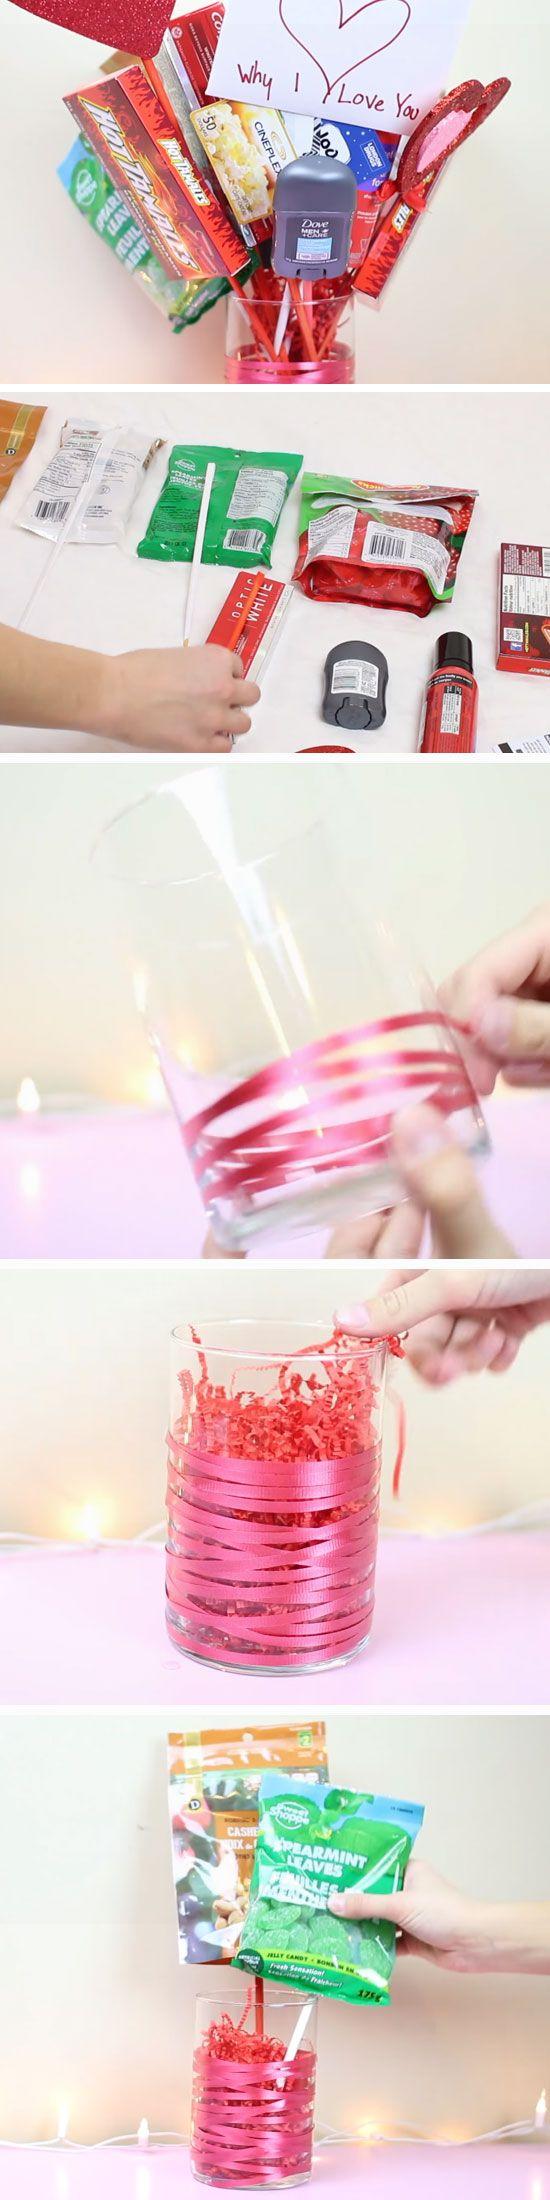 Man Bouquet   DIY Valentines Mason Jar Crafts for Him   Easy Gifts in a Jar Ideas for Boyfriend